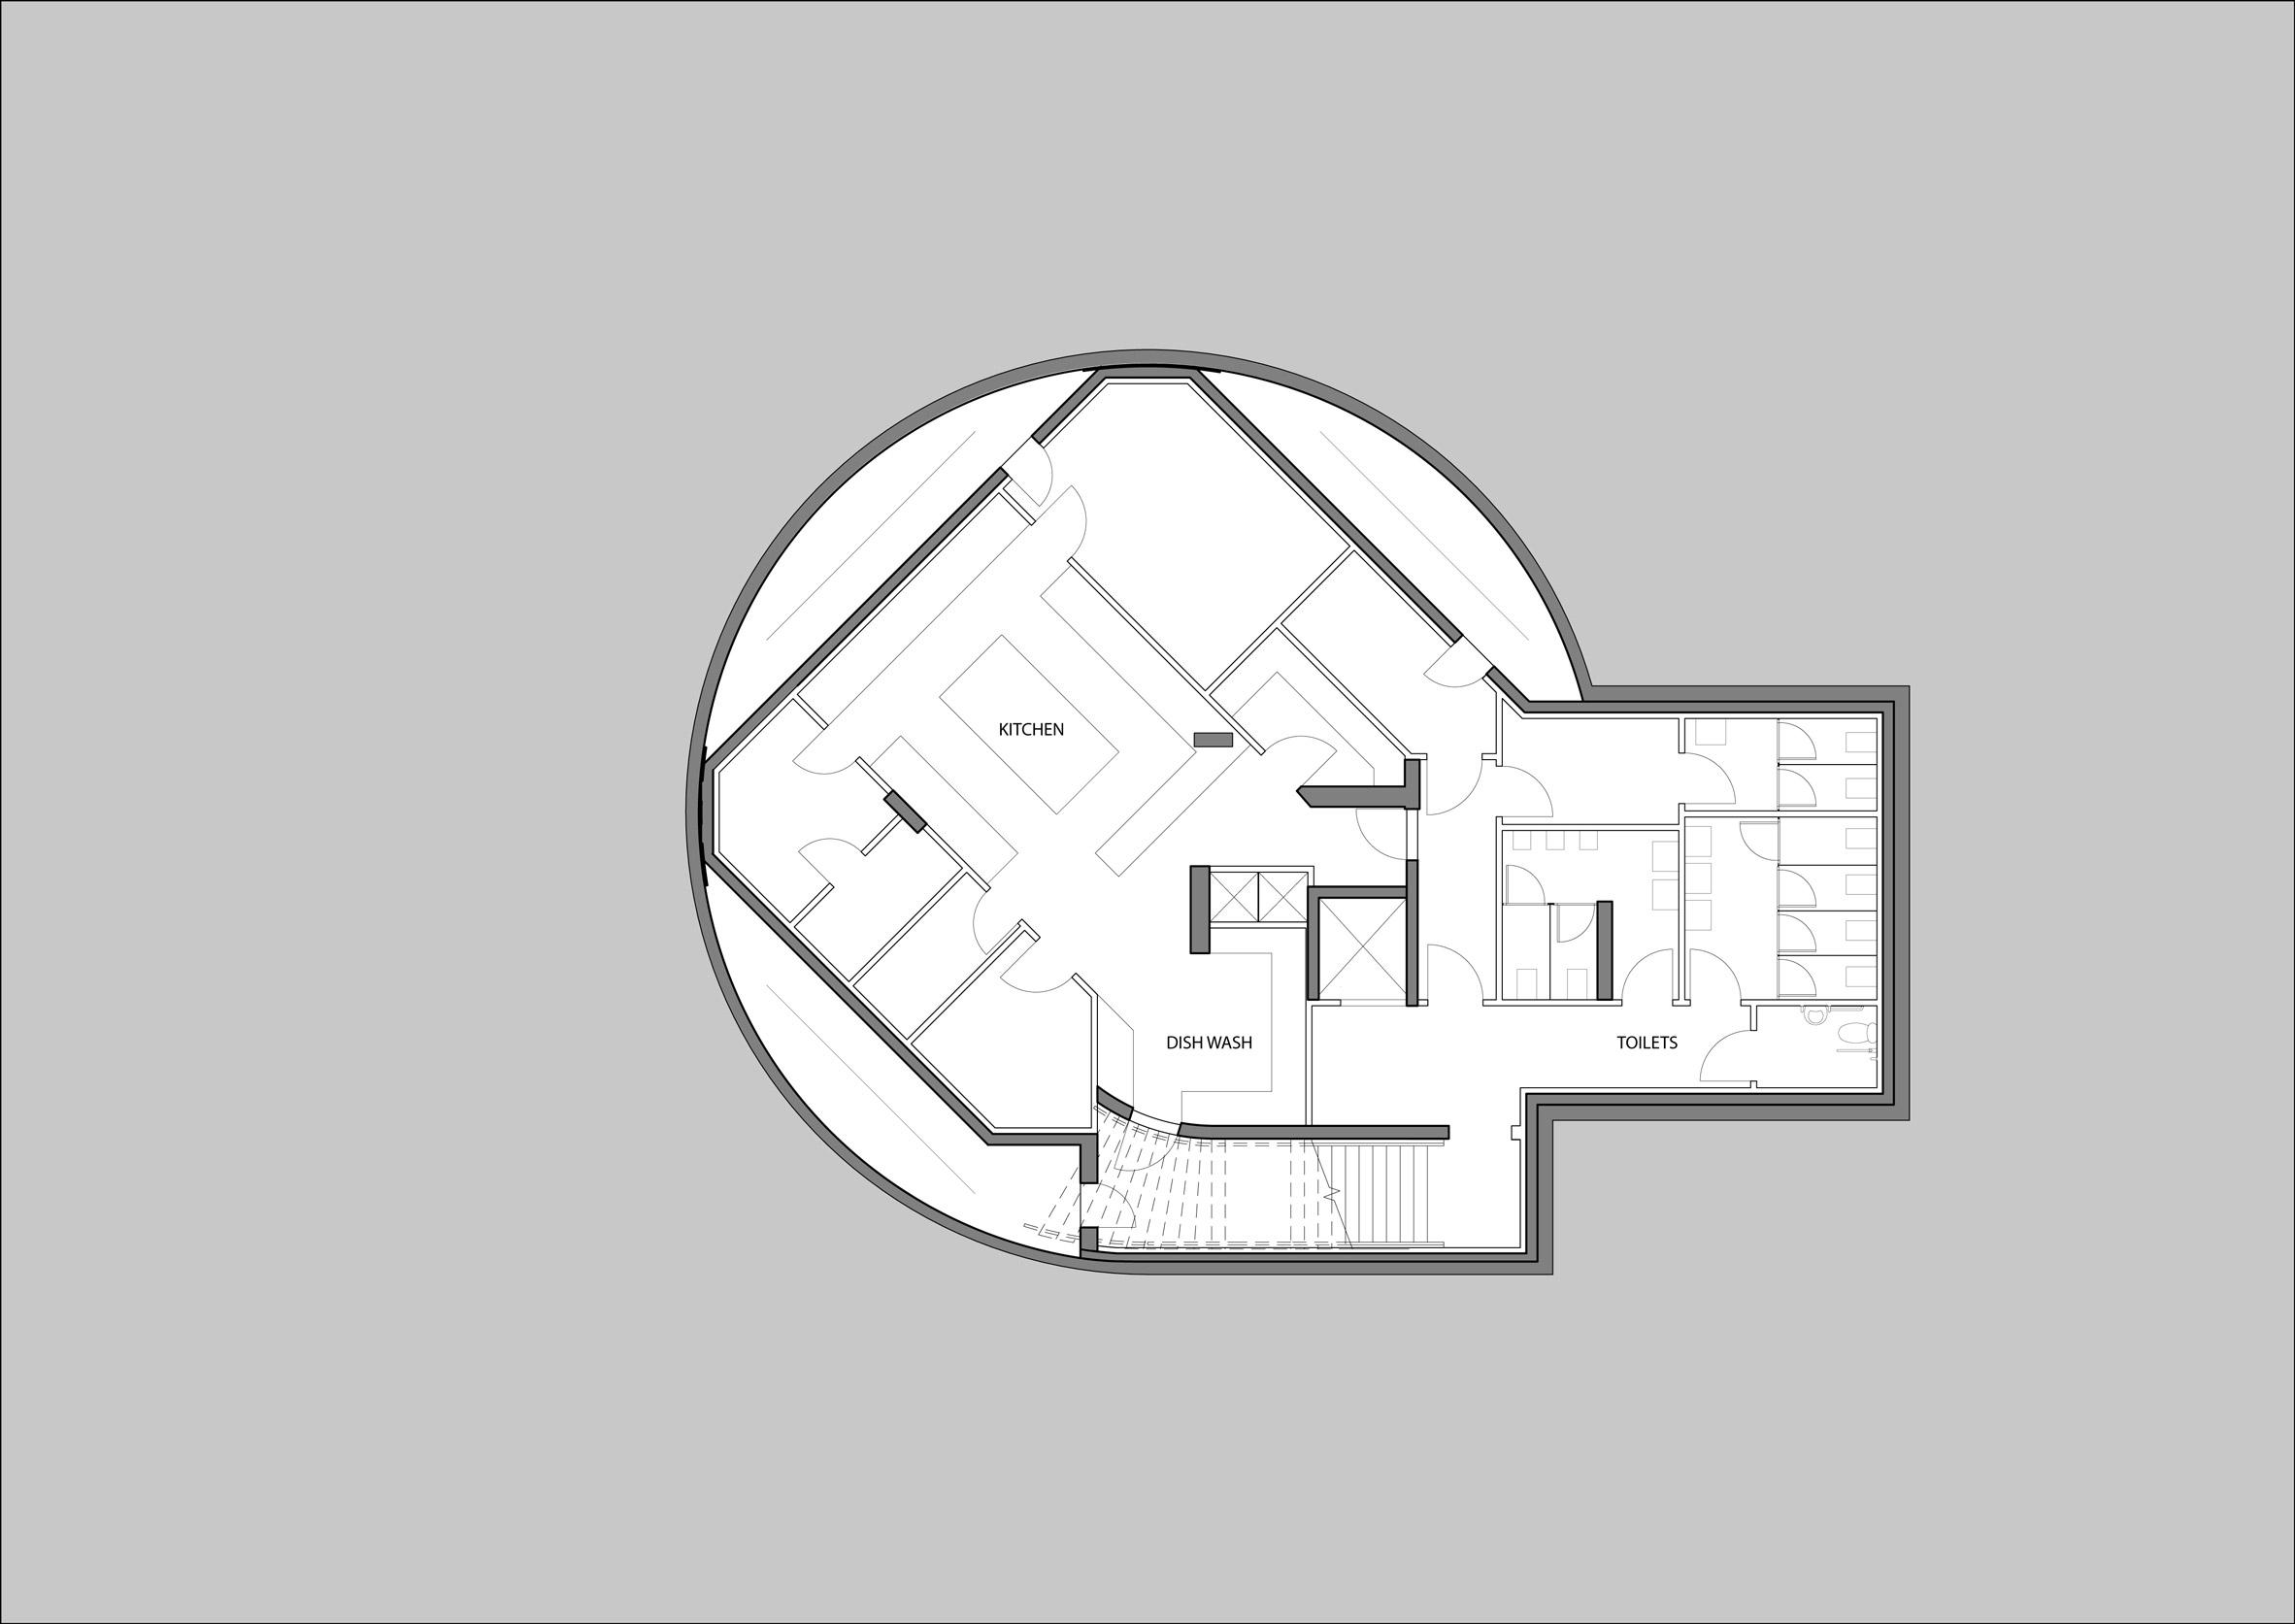 Thiết kế quán cafehiện đại 9